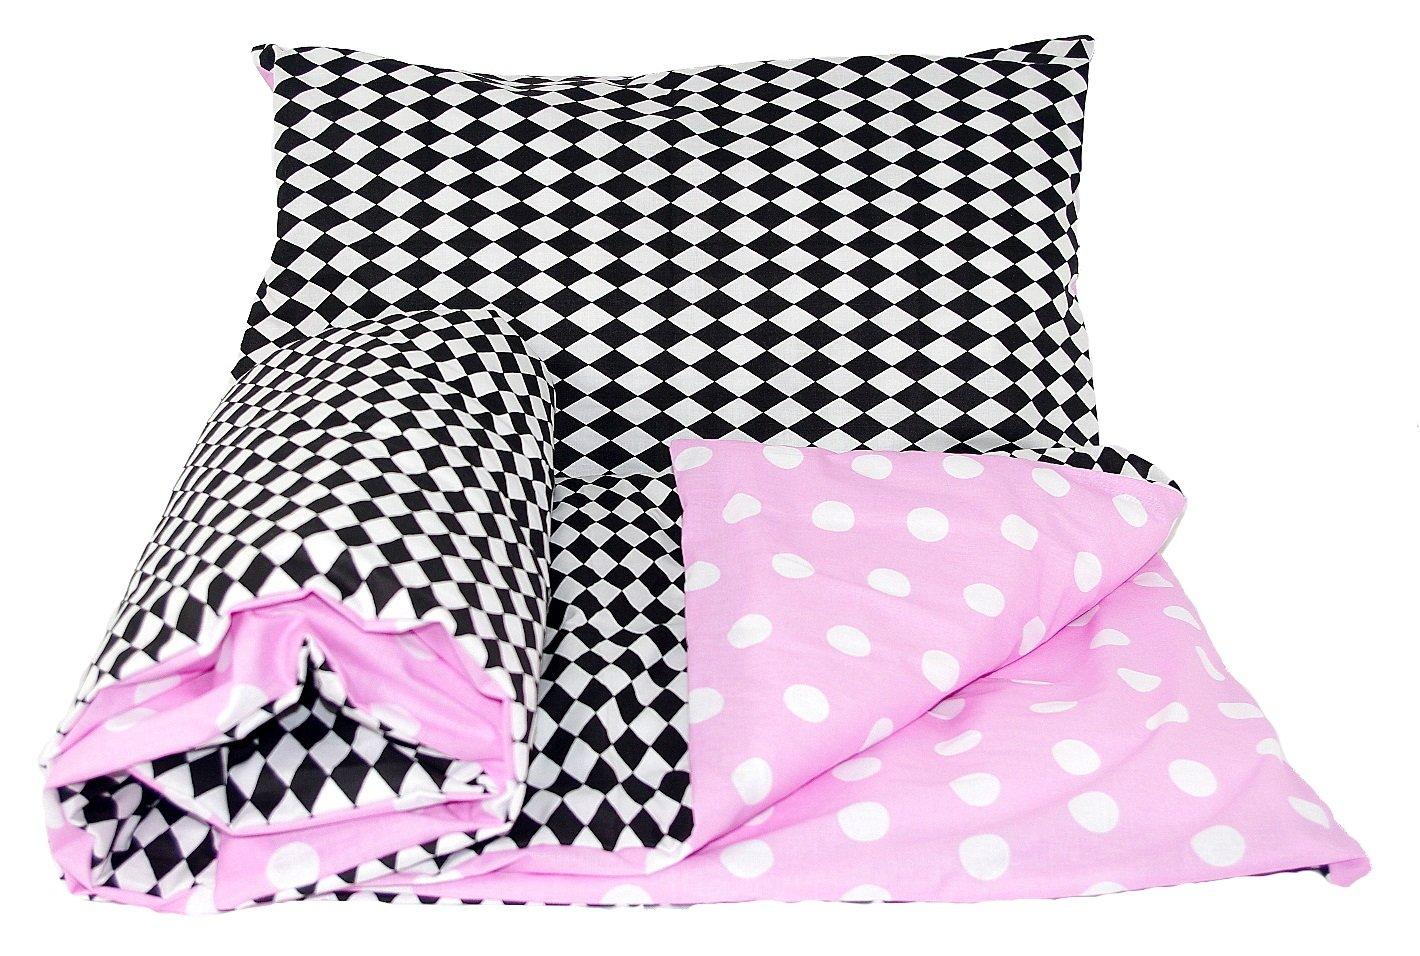 Baby's Comfort Baby Bettwäsche Set / Bettbezug + Kissenbezüge Baby' s Comfort